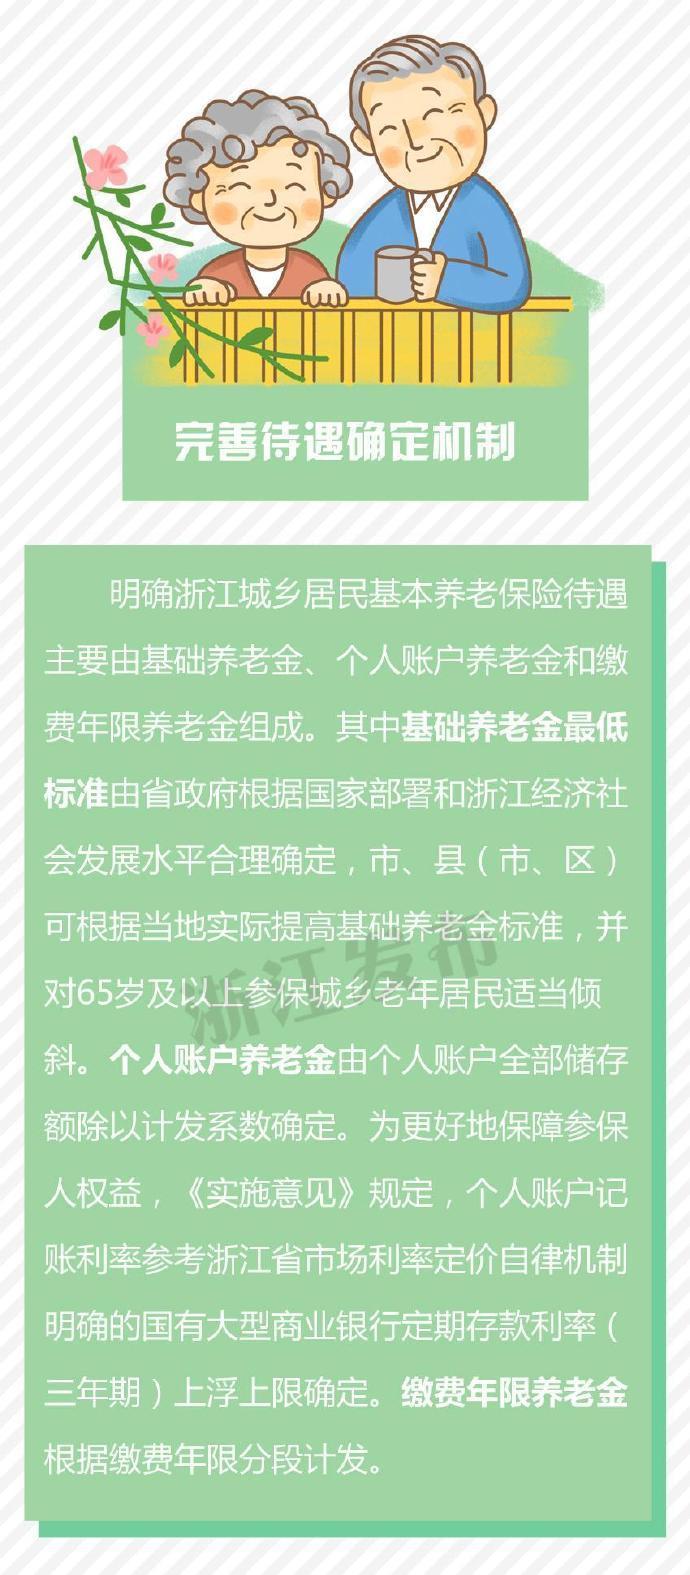 浙江建立城乡居民基本养老保险待遇确定和基础养老金正常调整机制